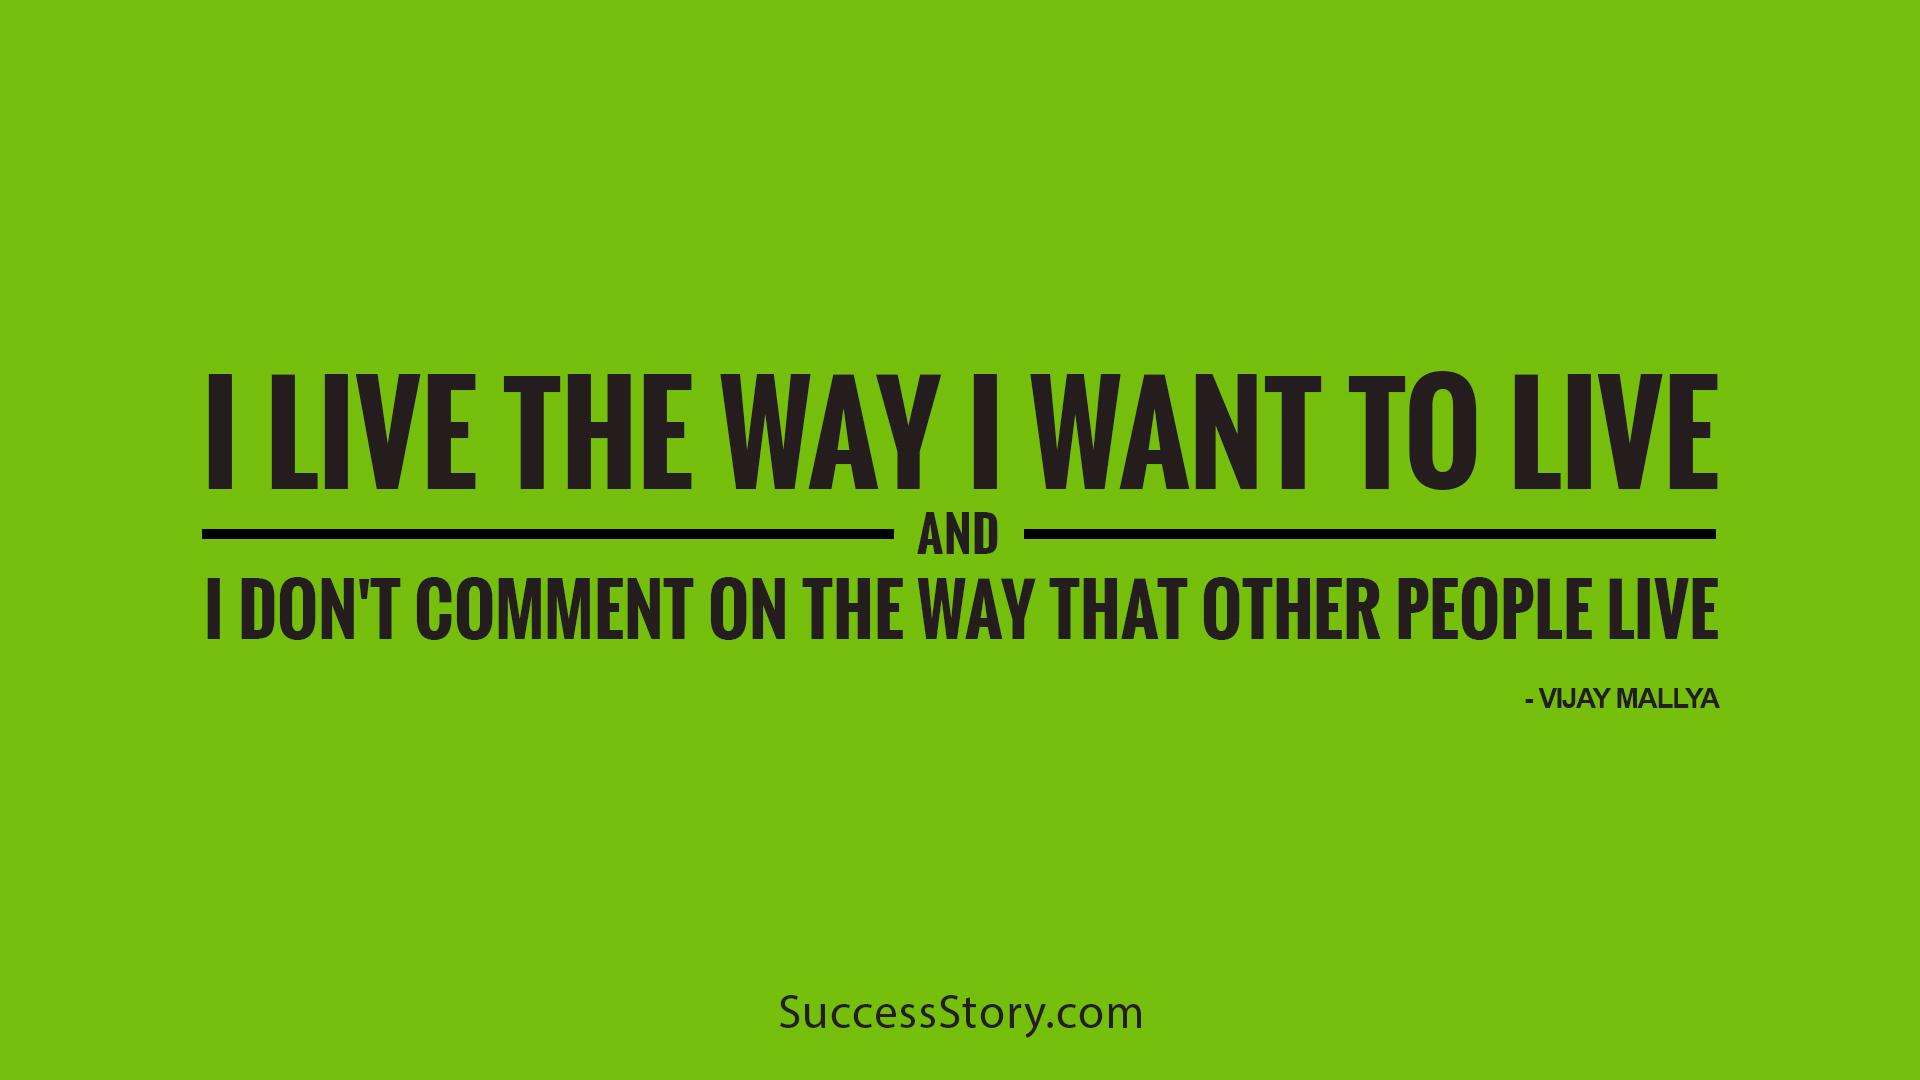 I live the way